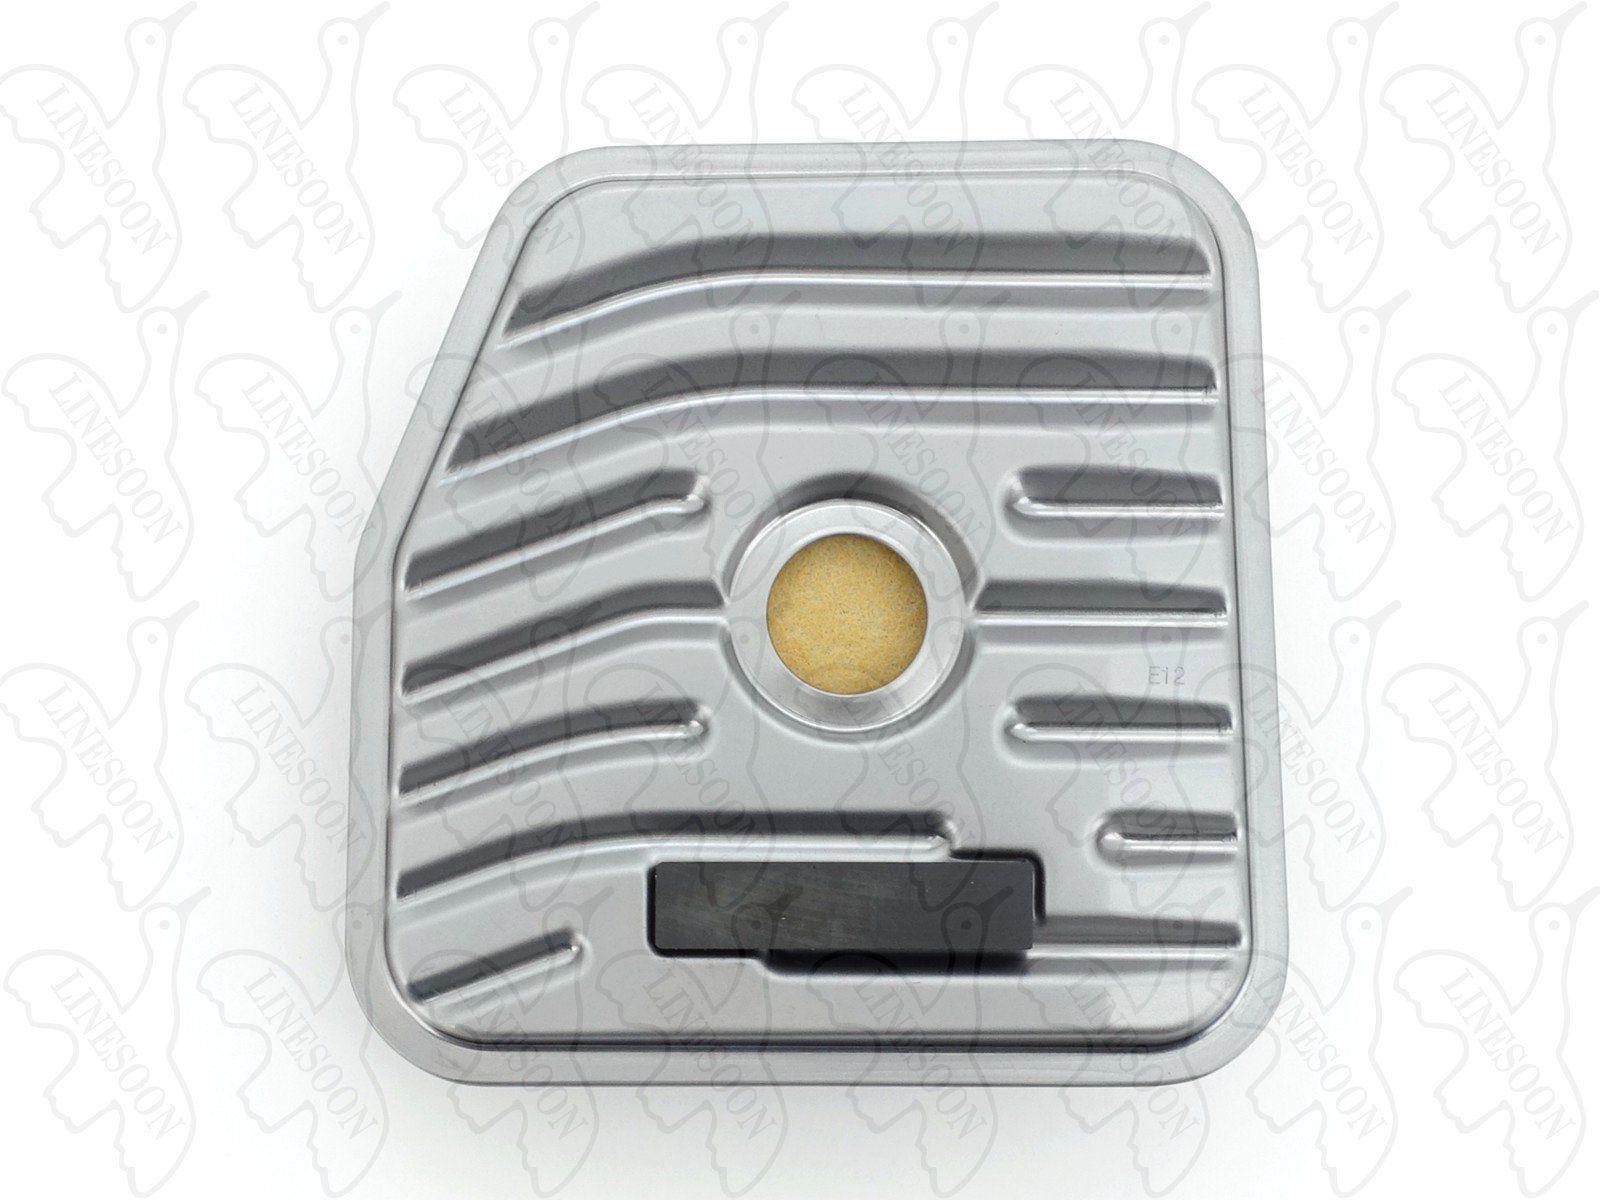 Filtro de Óleo Câmbio Automático  Dct 470 EVOLUTION, RALLY ART, OUTLANDER  - Alltrans - Transmissão Automática